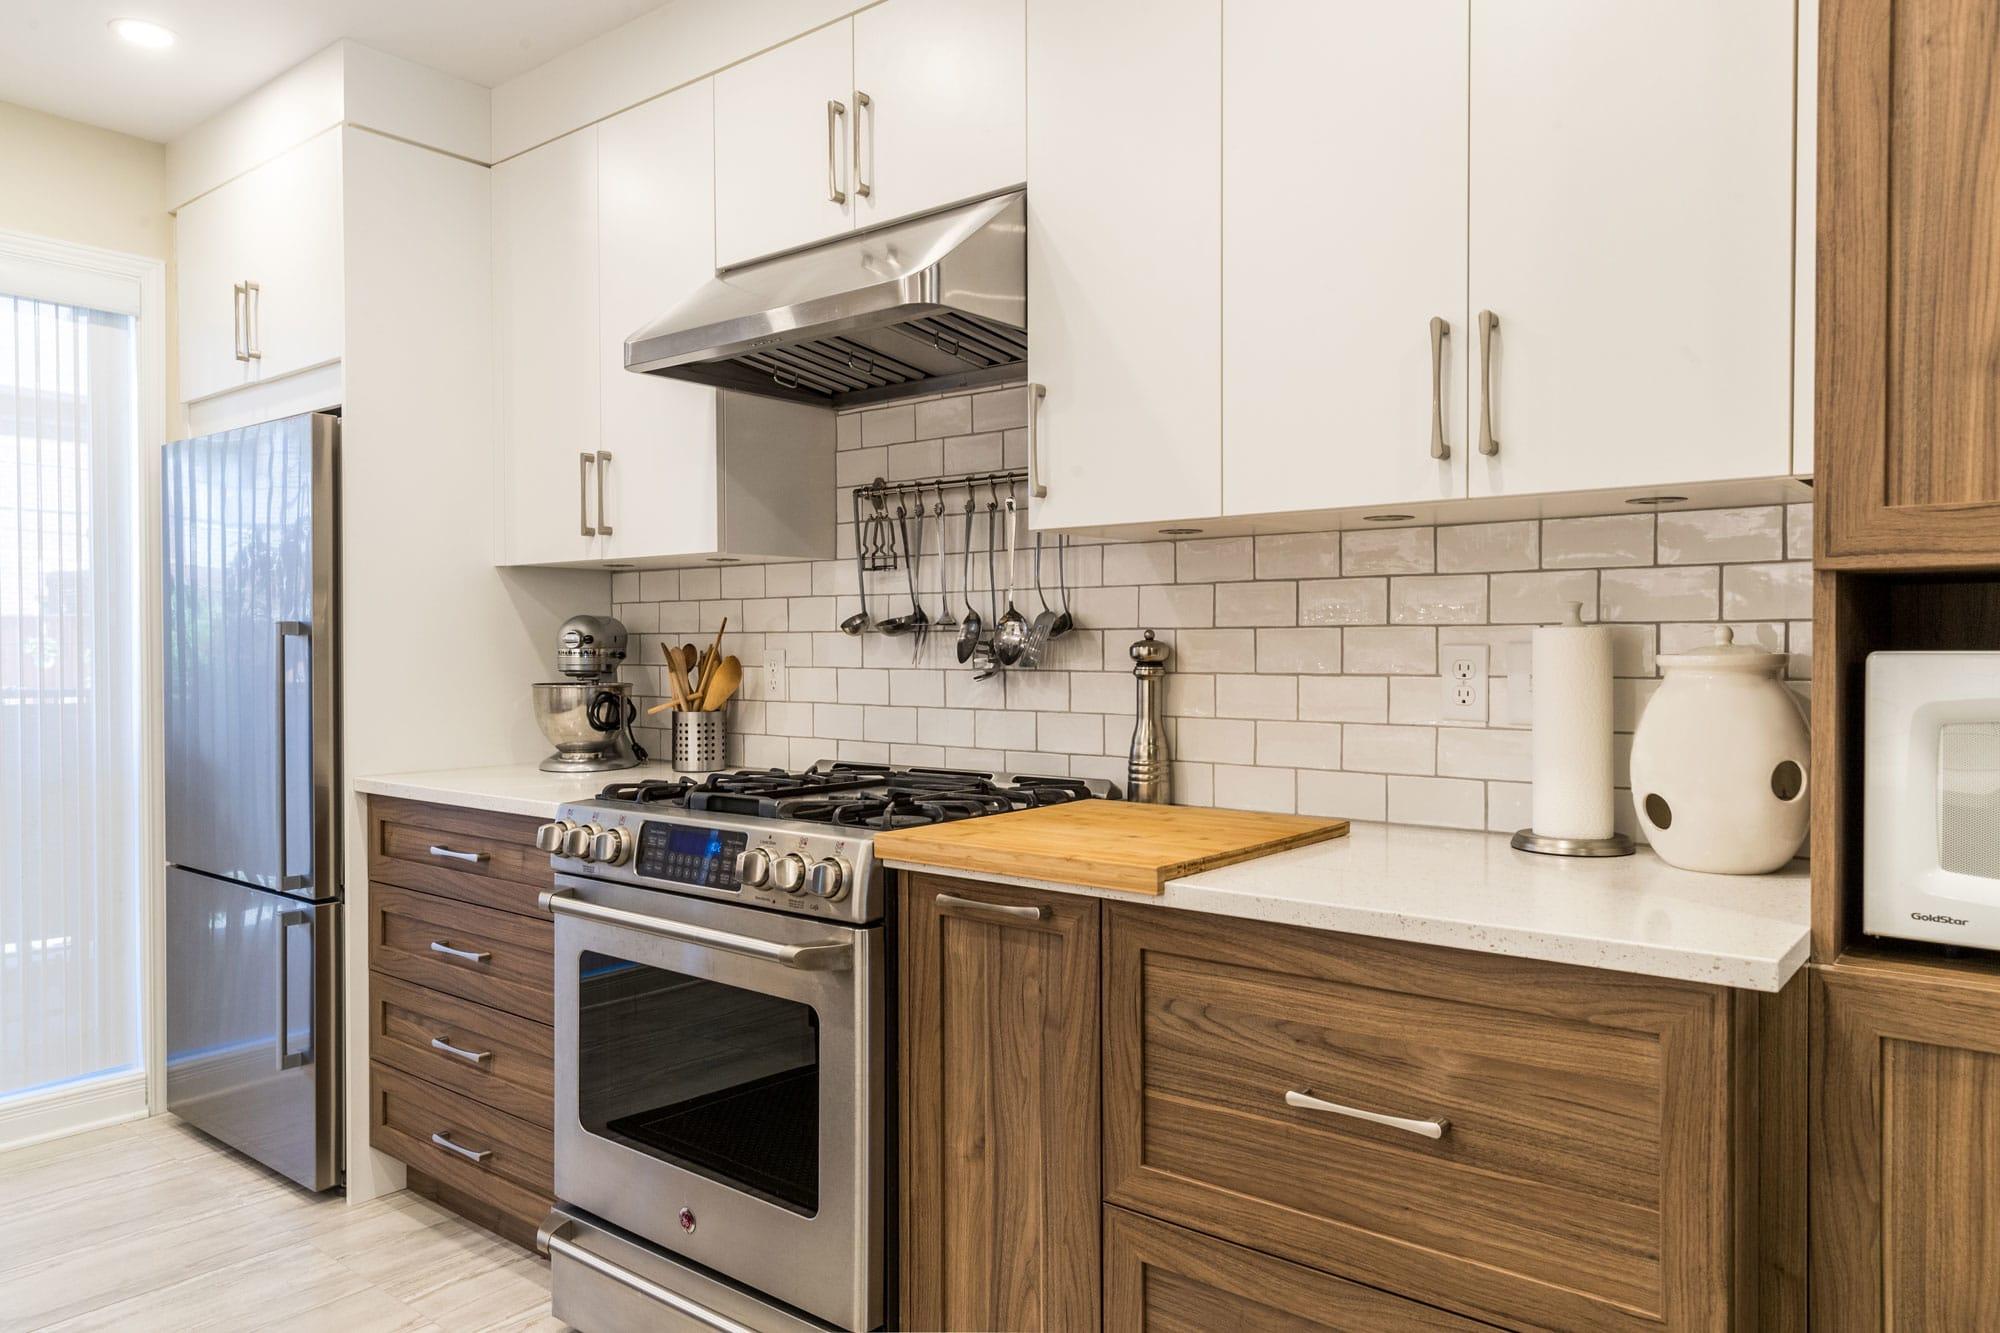 cuisine 2 couleurs (brune et beige) avec comptoir en quartz et cuisinière en stainless